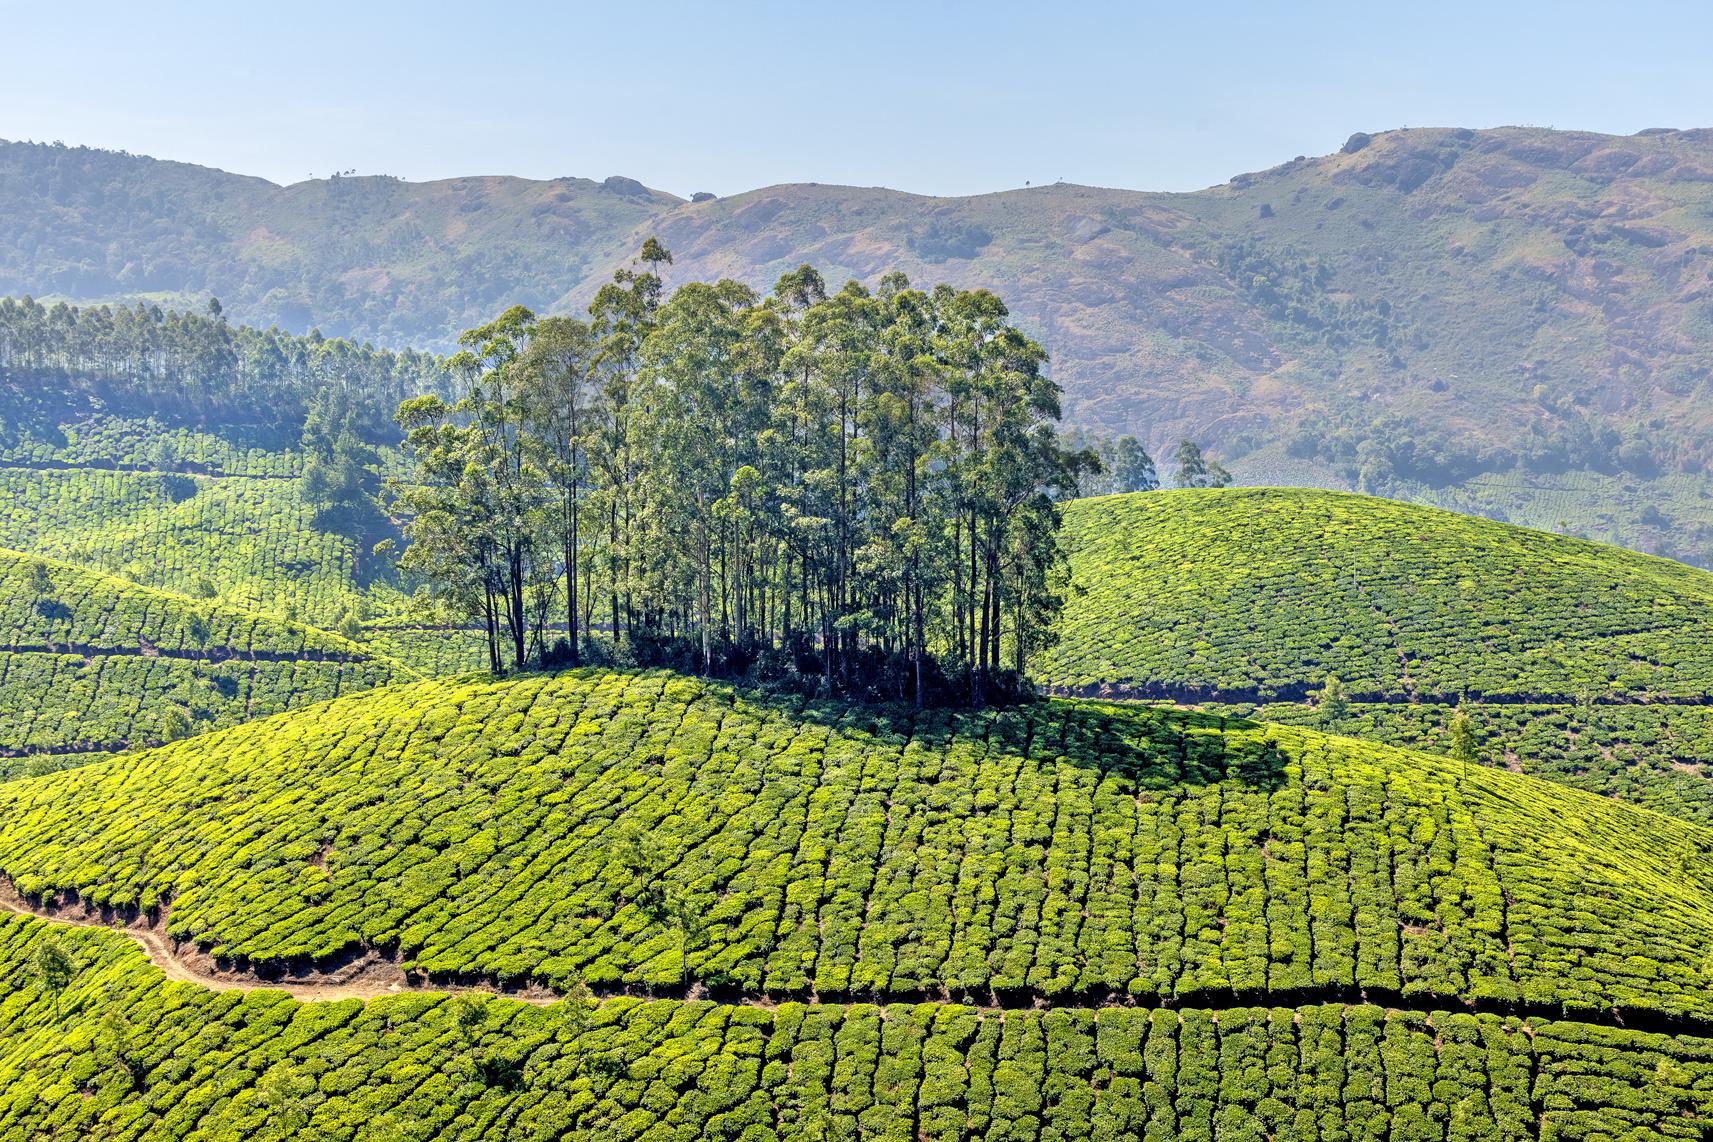 le colline di Munnarjpg